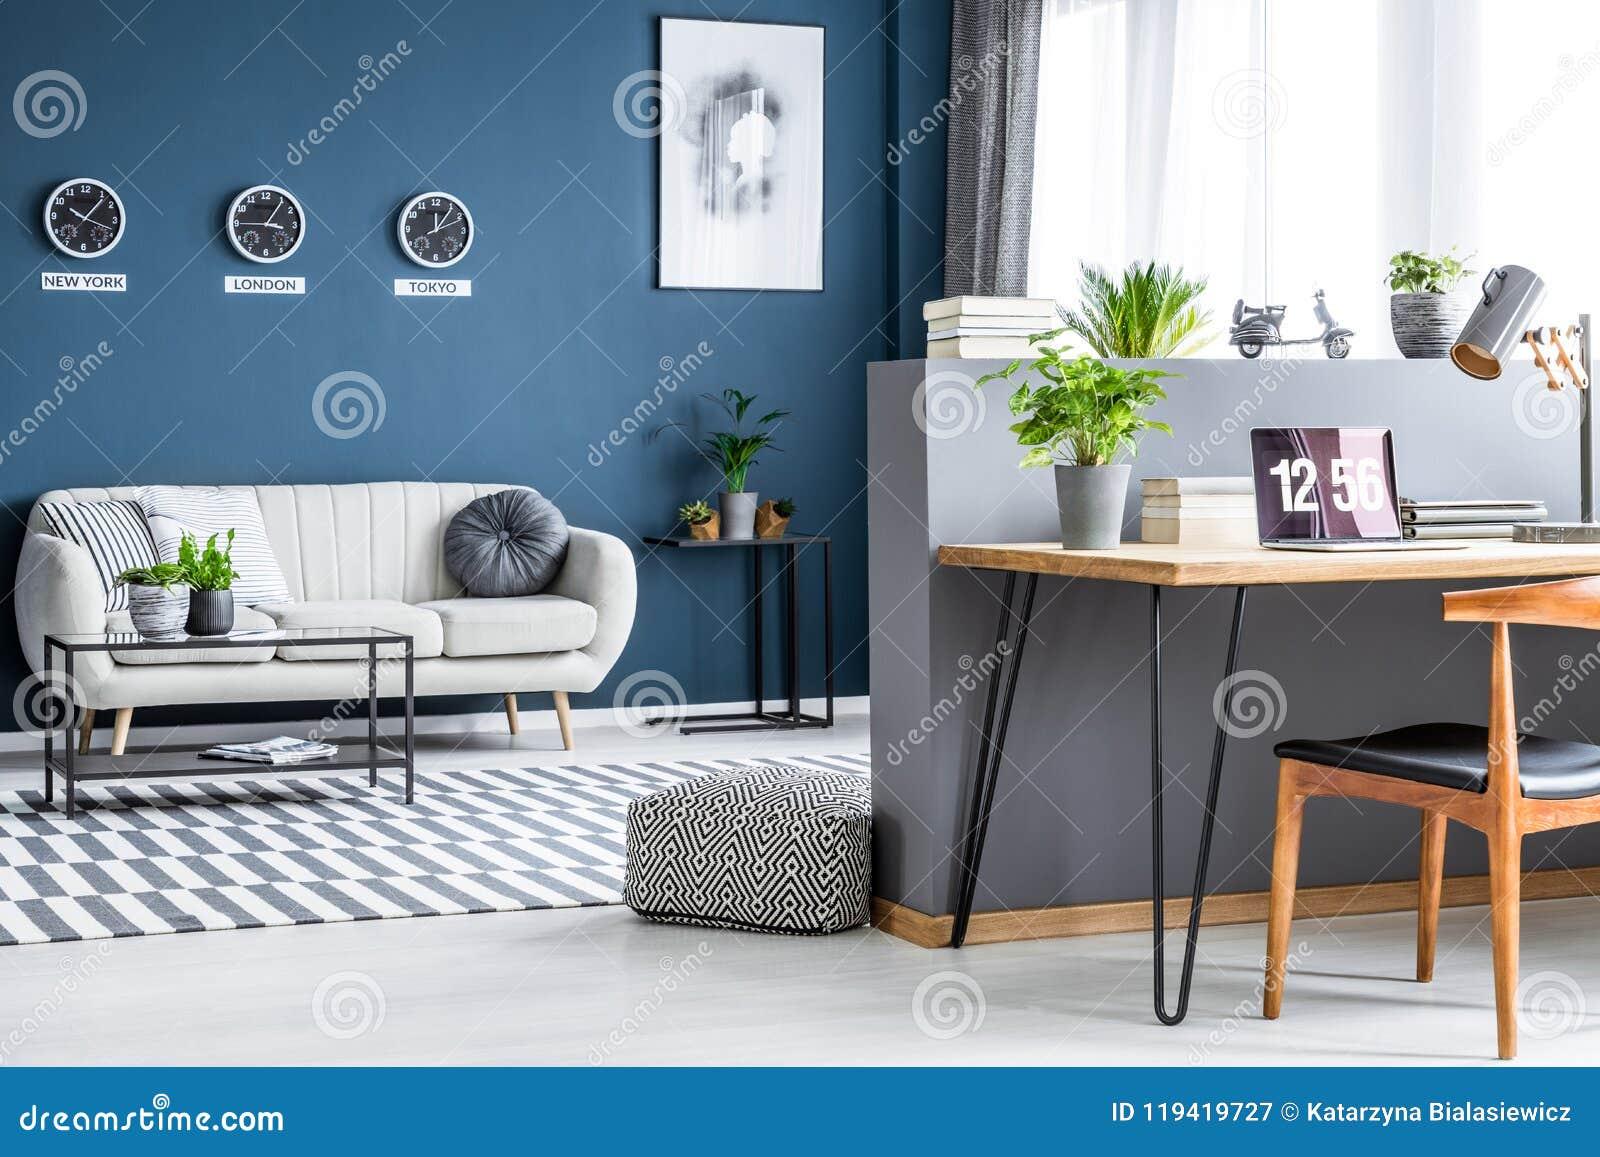 Σκούρο μπλε εσωτερικό καθιστικών με τρία ρολόγια, απλή αφίσα,